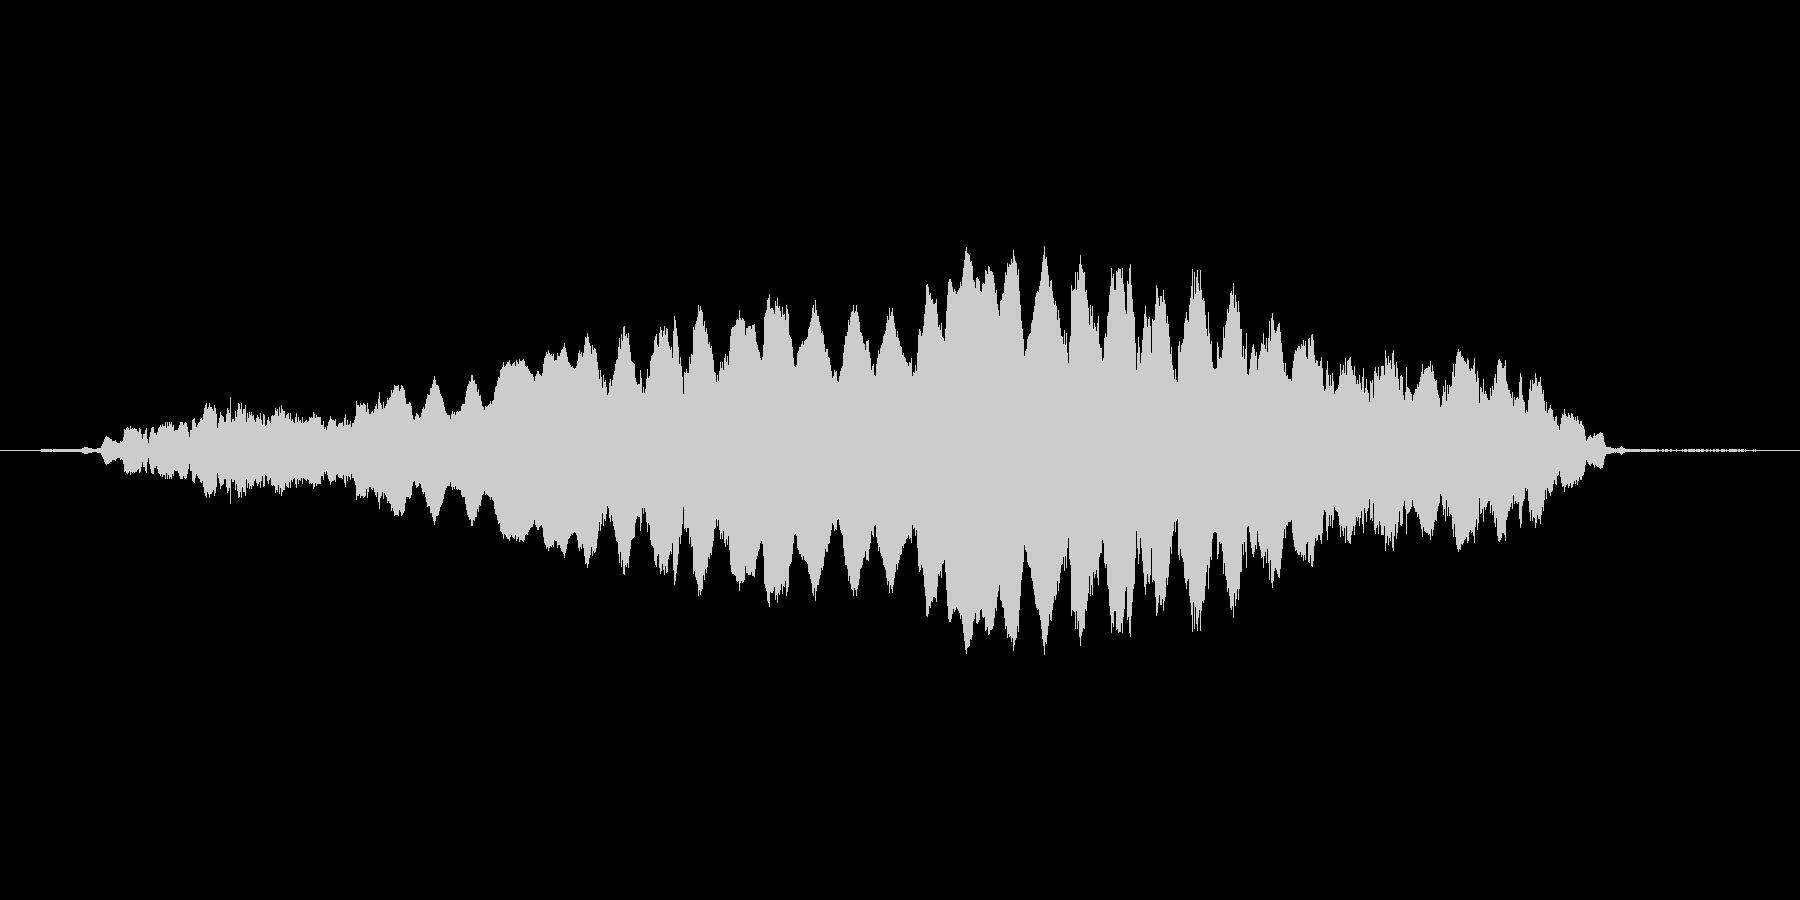 (おばけが悲しむ声)の未再生の波形